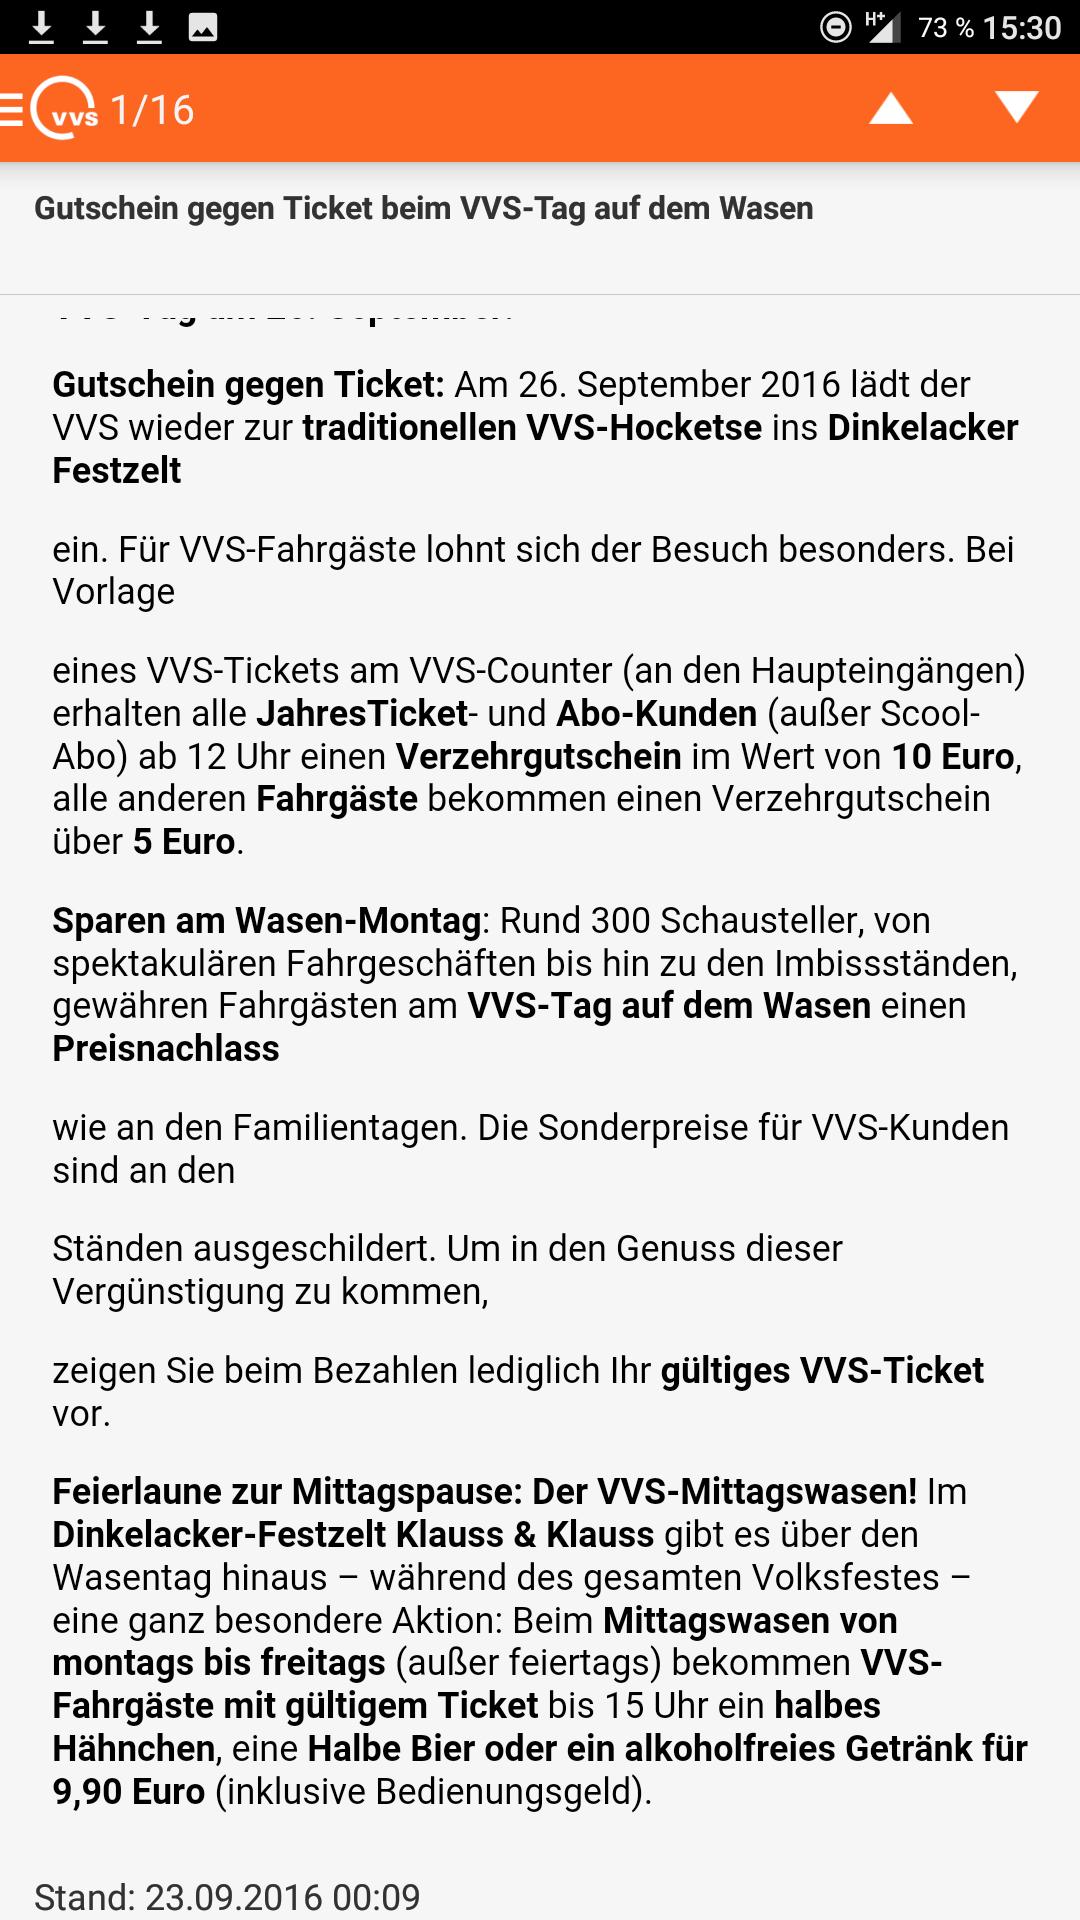 [Lokal Stuttgart] 10€/5€ Verzehrgutschein auf dem Wasen in Stuttgart für VVS Kunden